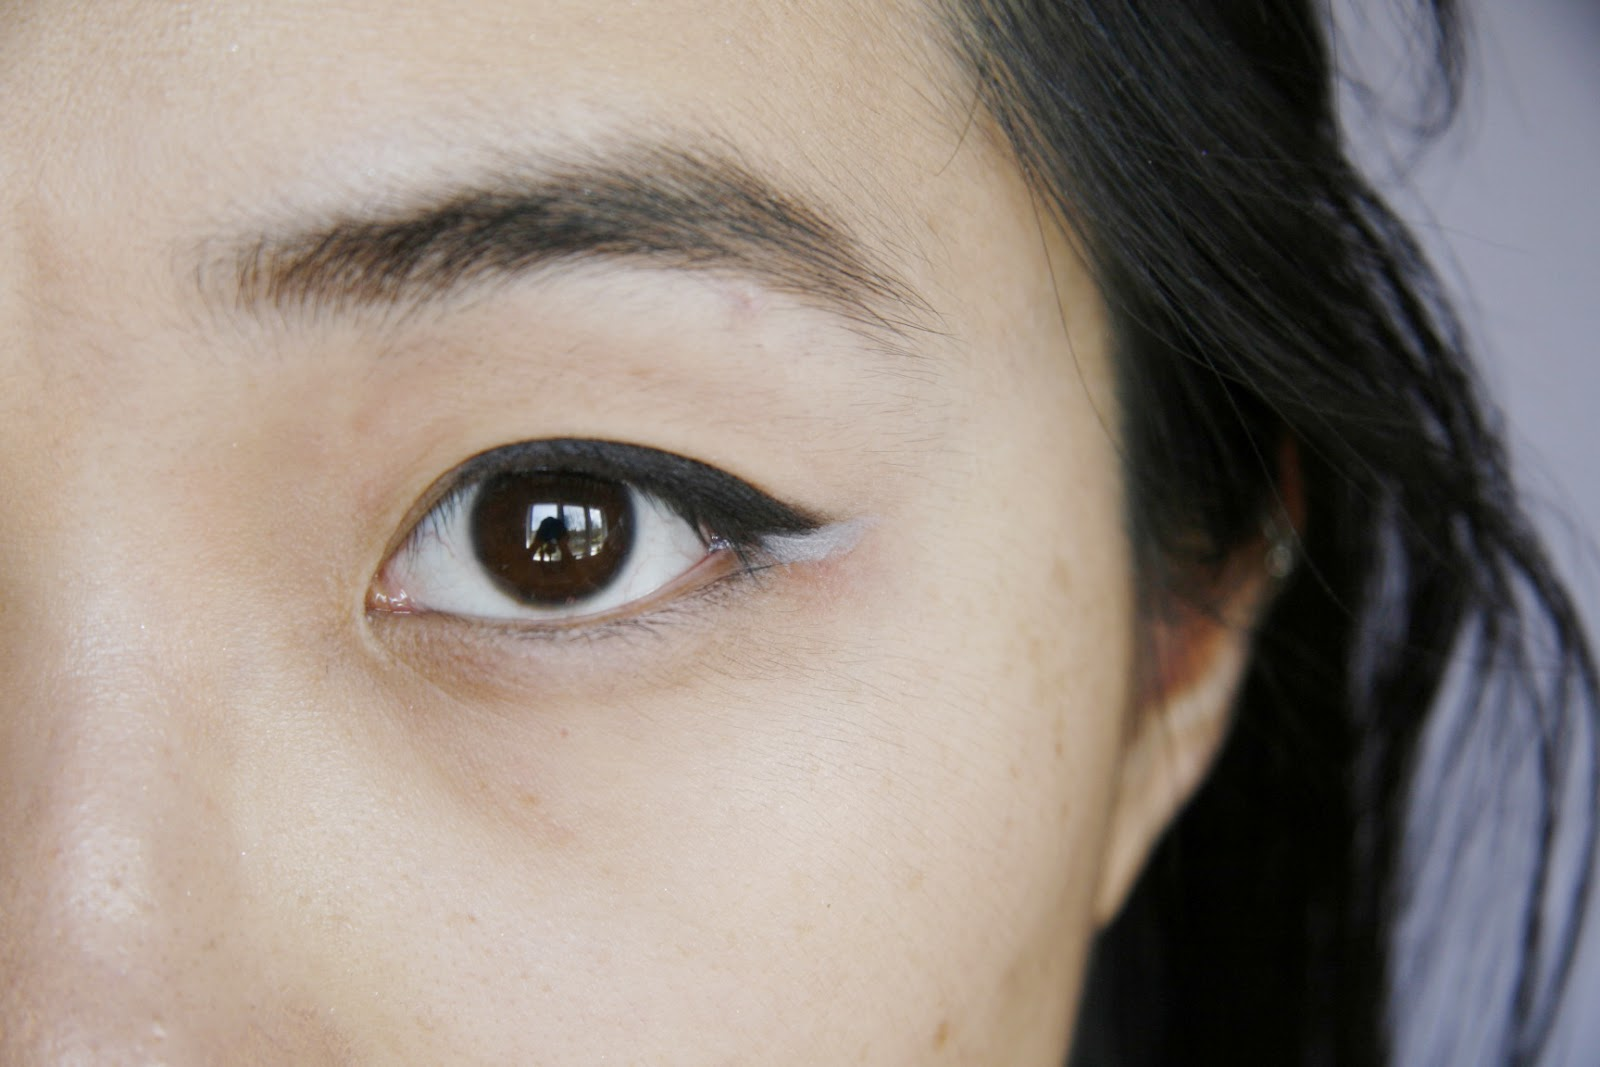 fun size beauty: The Body Shop Matte Kajal Eyeliners in Black & White